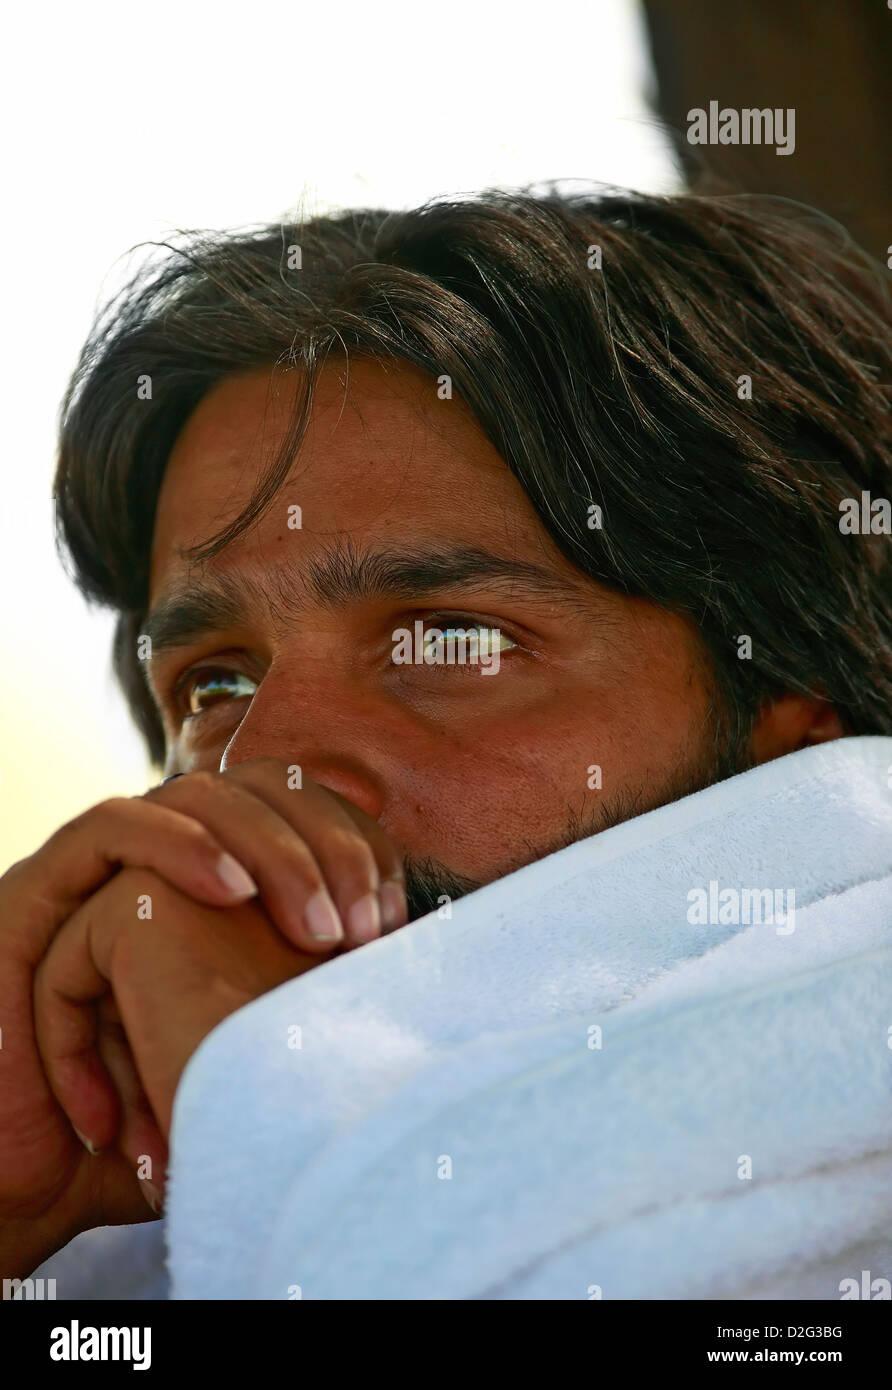 Introspektion, reflektierend, Emotionen, Gefühle, Portrait, Indisch, denken, ruhig, indischen Mann. Frieden Stockbild